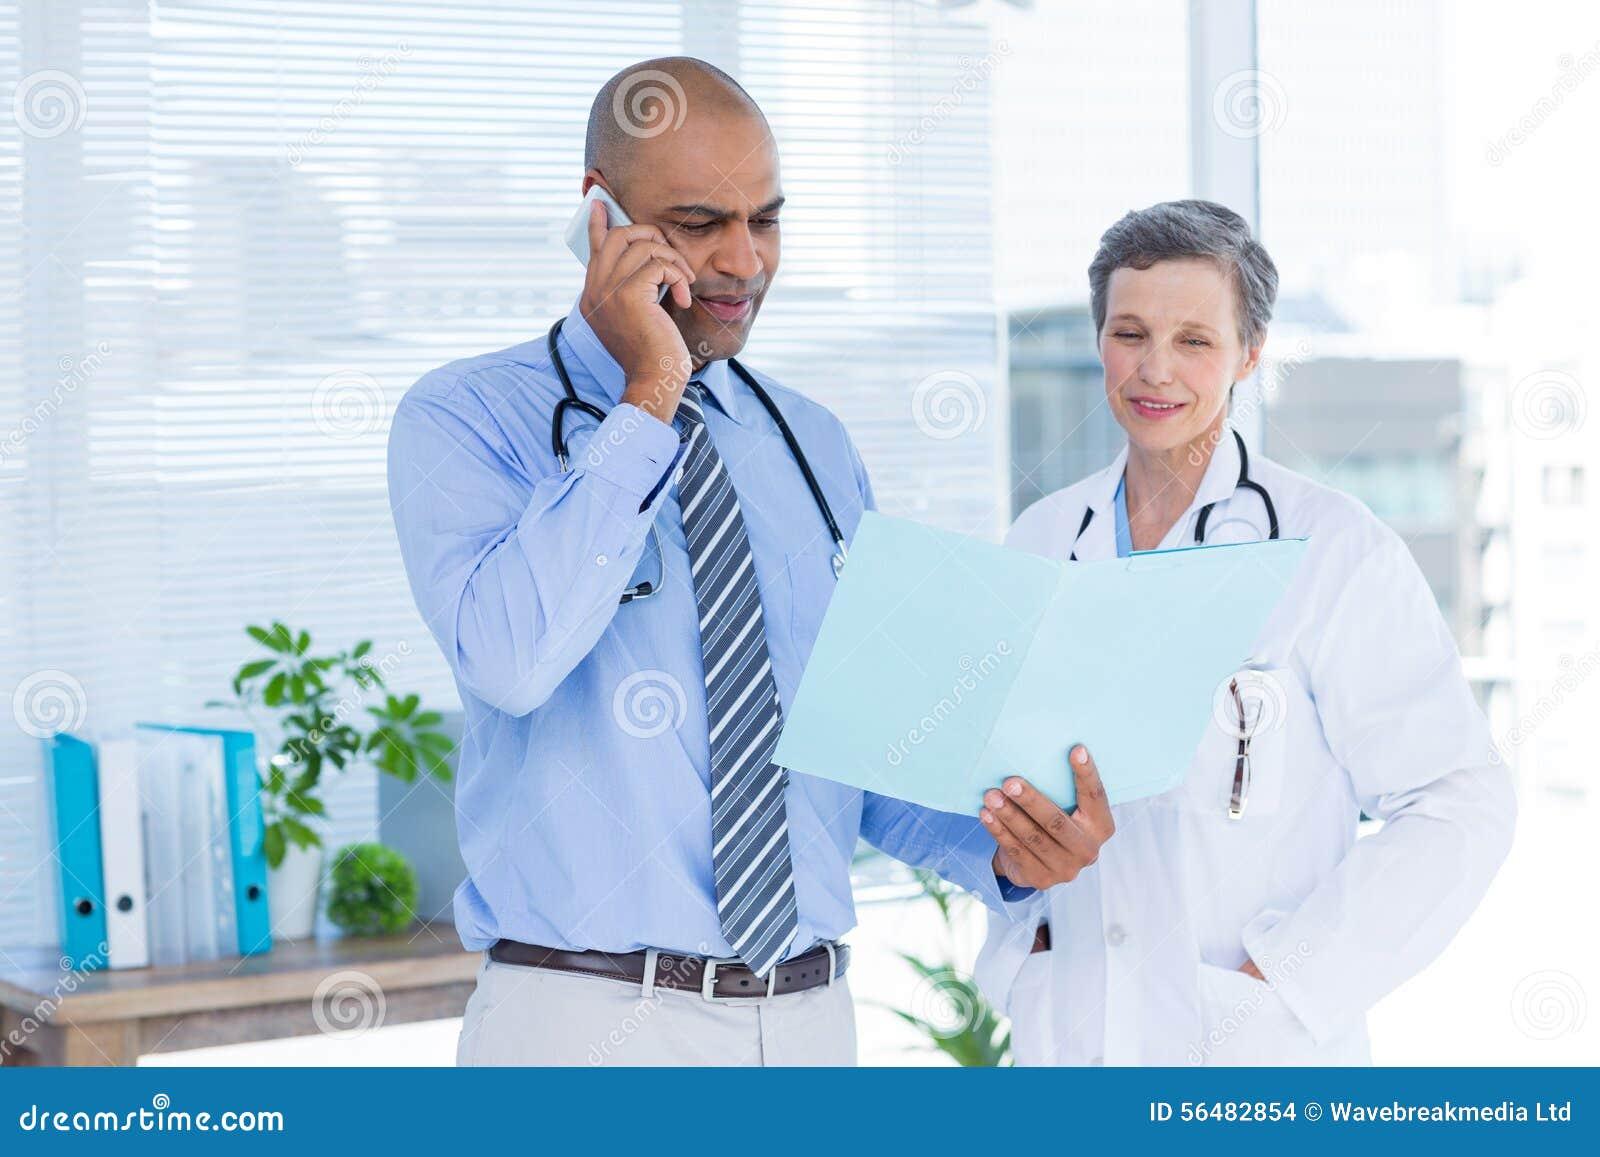 Docteur concentré montrant le dossier à son collègue tout en appelant